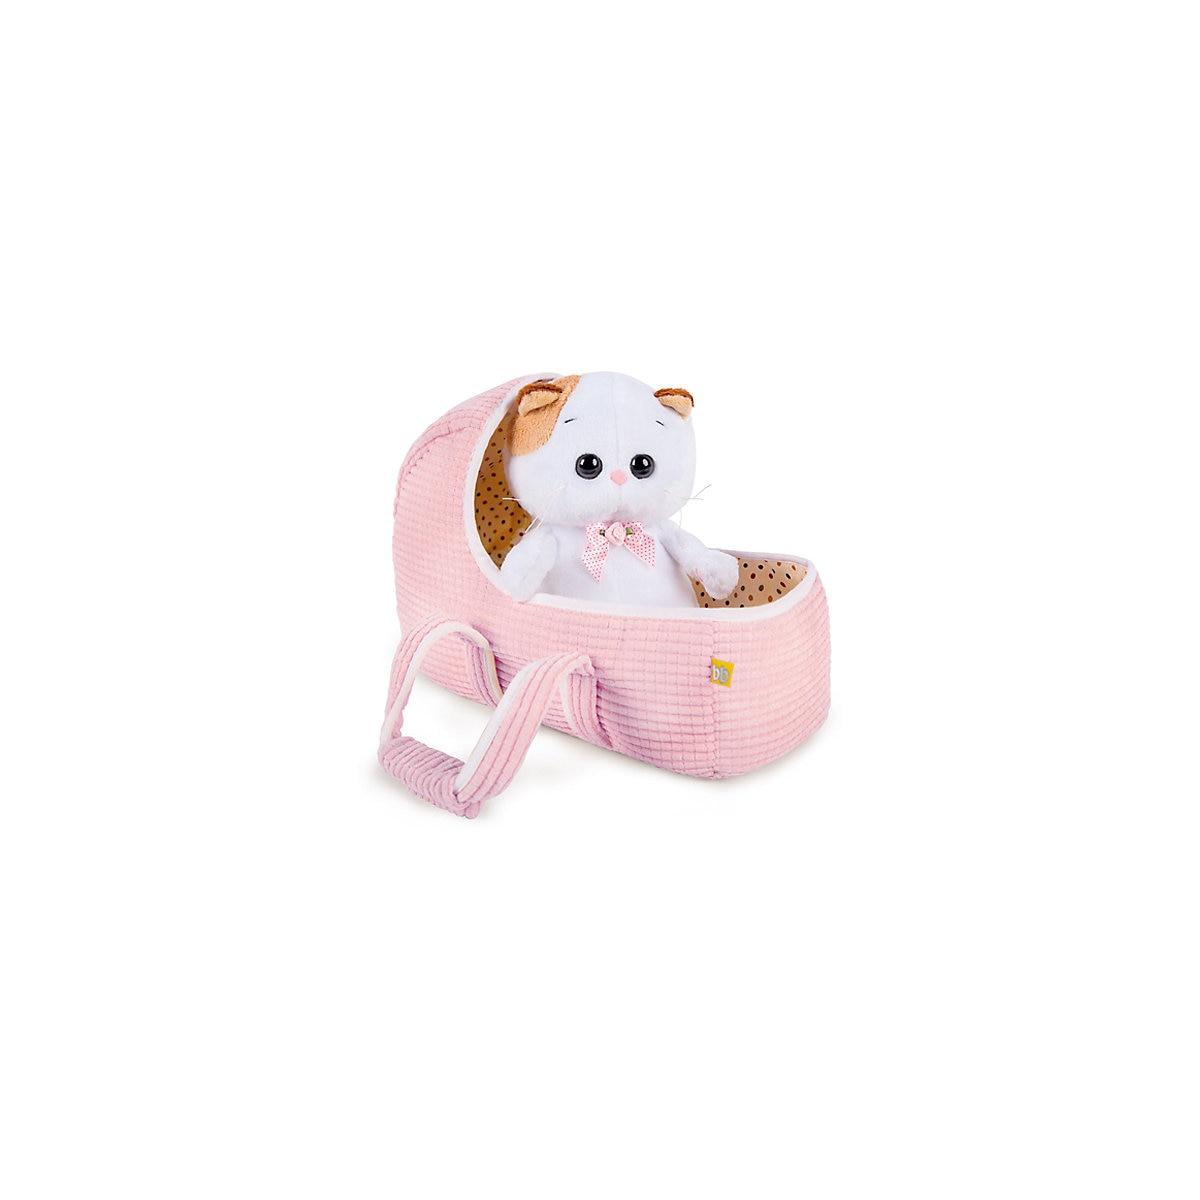 Stuffed & Plush Animais 7319991 brinquedo para meninos e meninas brinquedos macios para o bebê